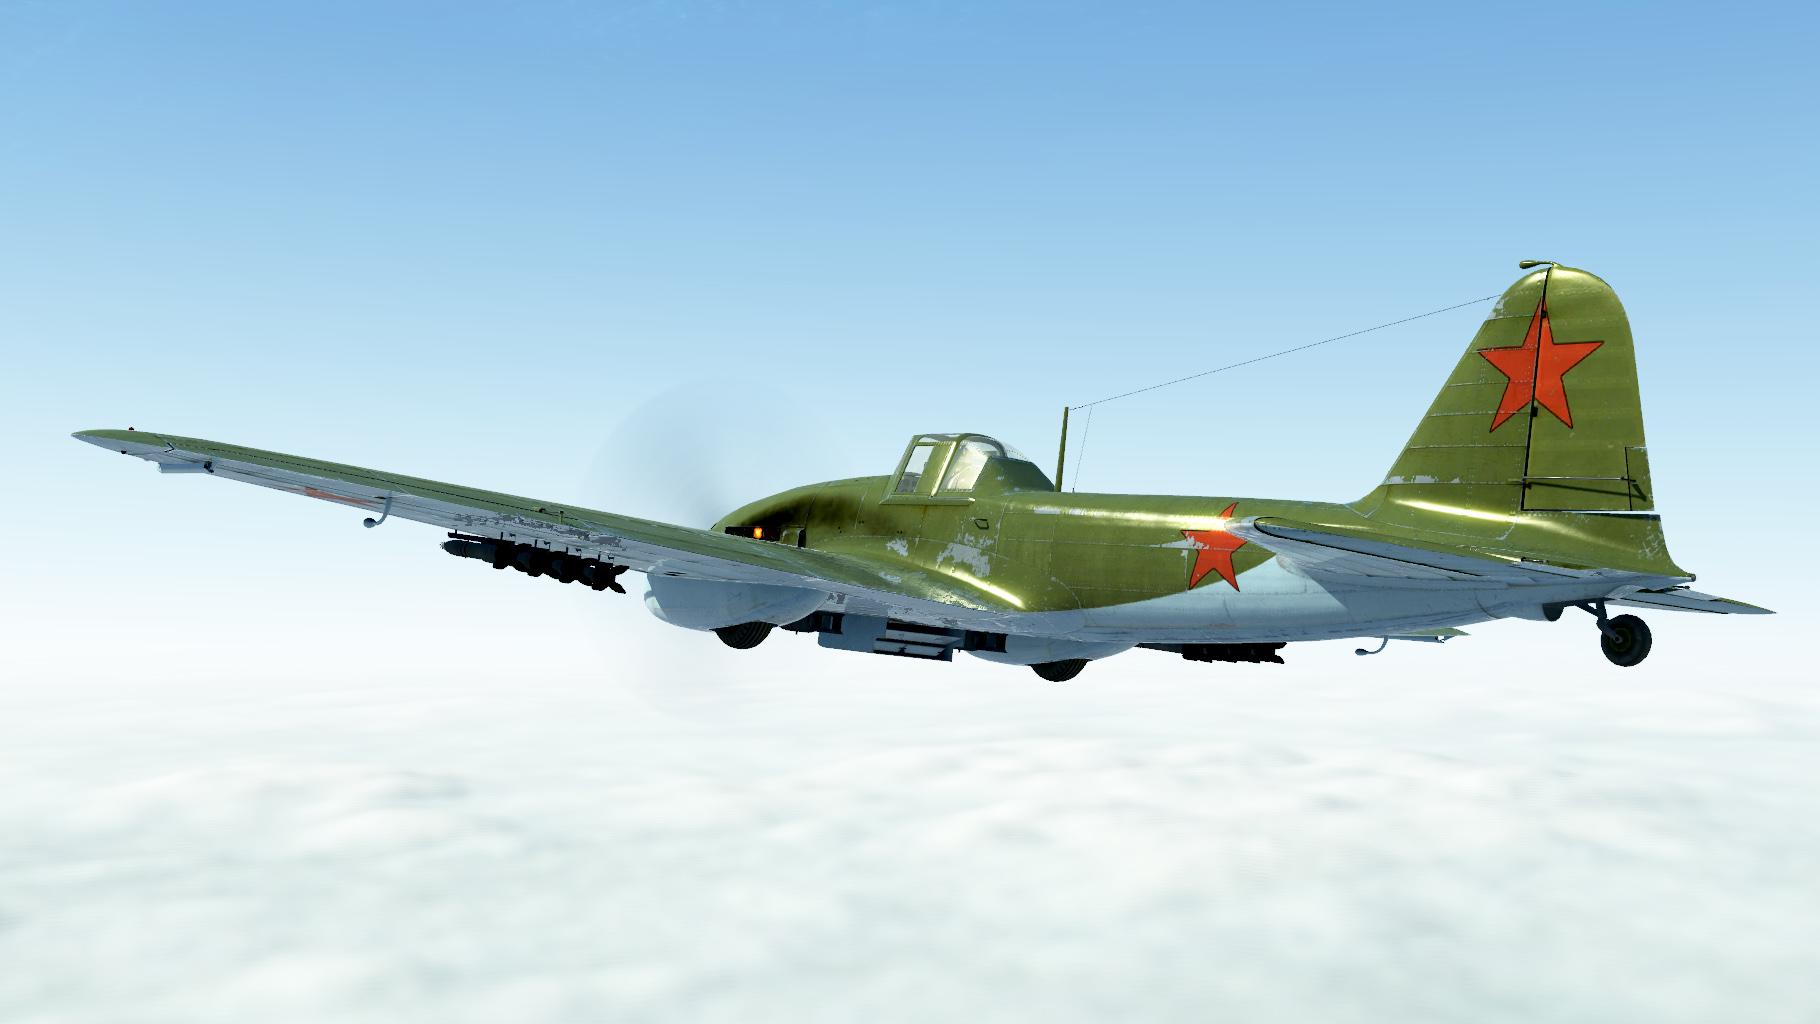 IL-2 Sturmovik: Battle of Stalingrad と、その拡張版の Battle of Moskow、Battle of Kuban、Flying Circus、Tank Crewについて語るスレ。 Standard Edition と Premium Edition の違いは、現在のところ全武装のアンロック(不可逆)、プレミアム機体2種、スペシャルラベルの有無となる。